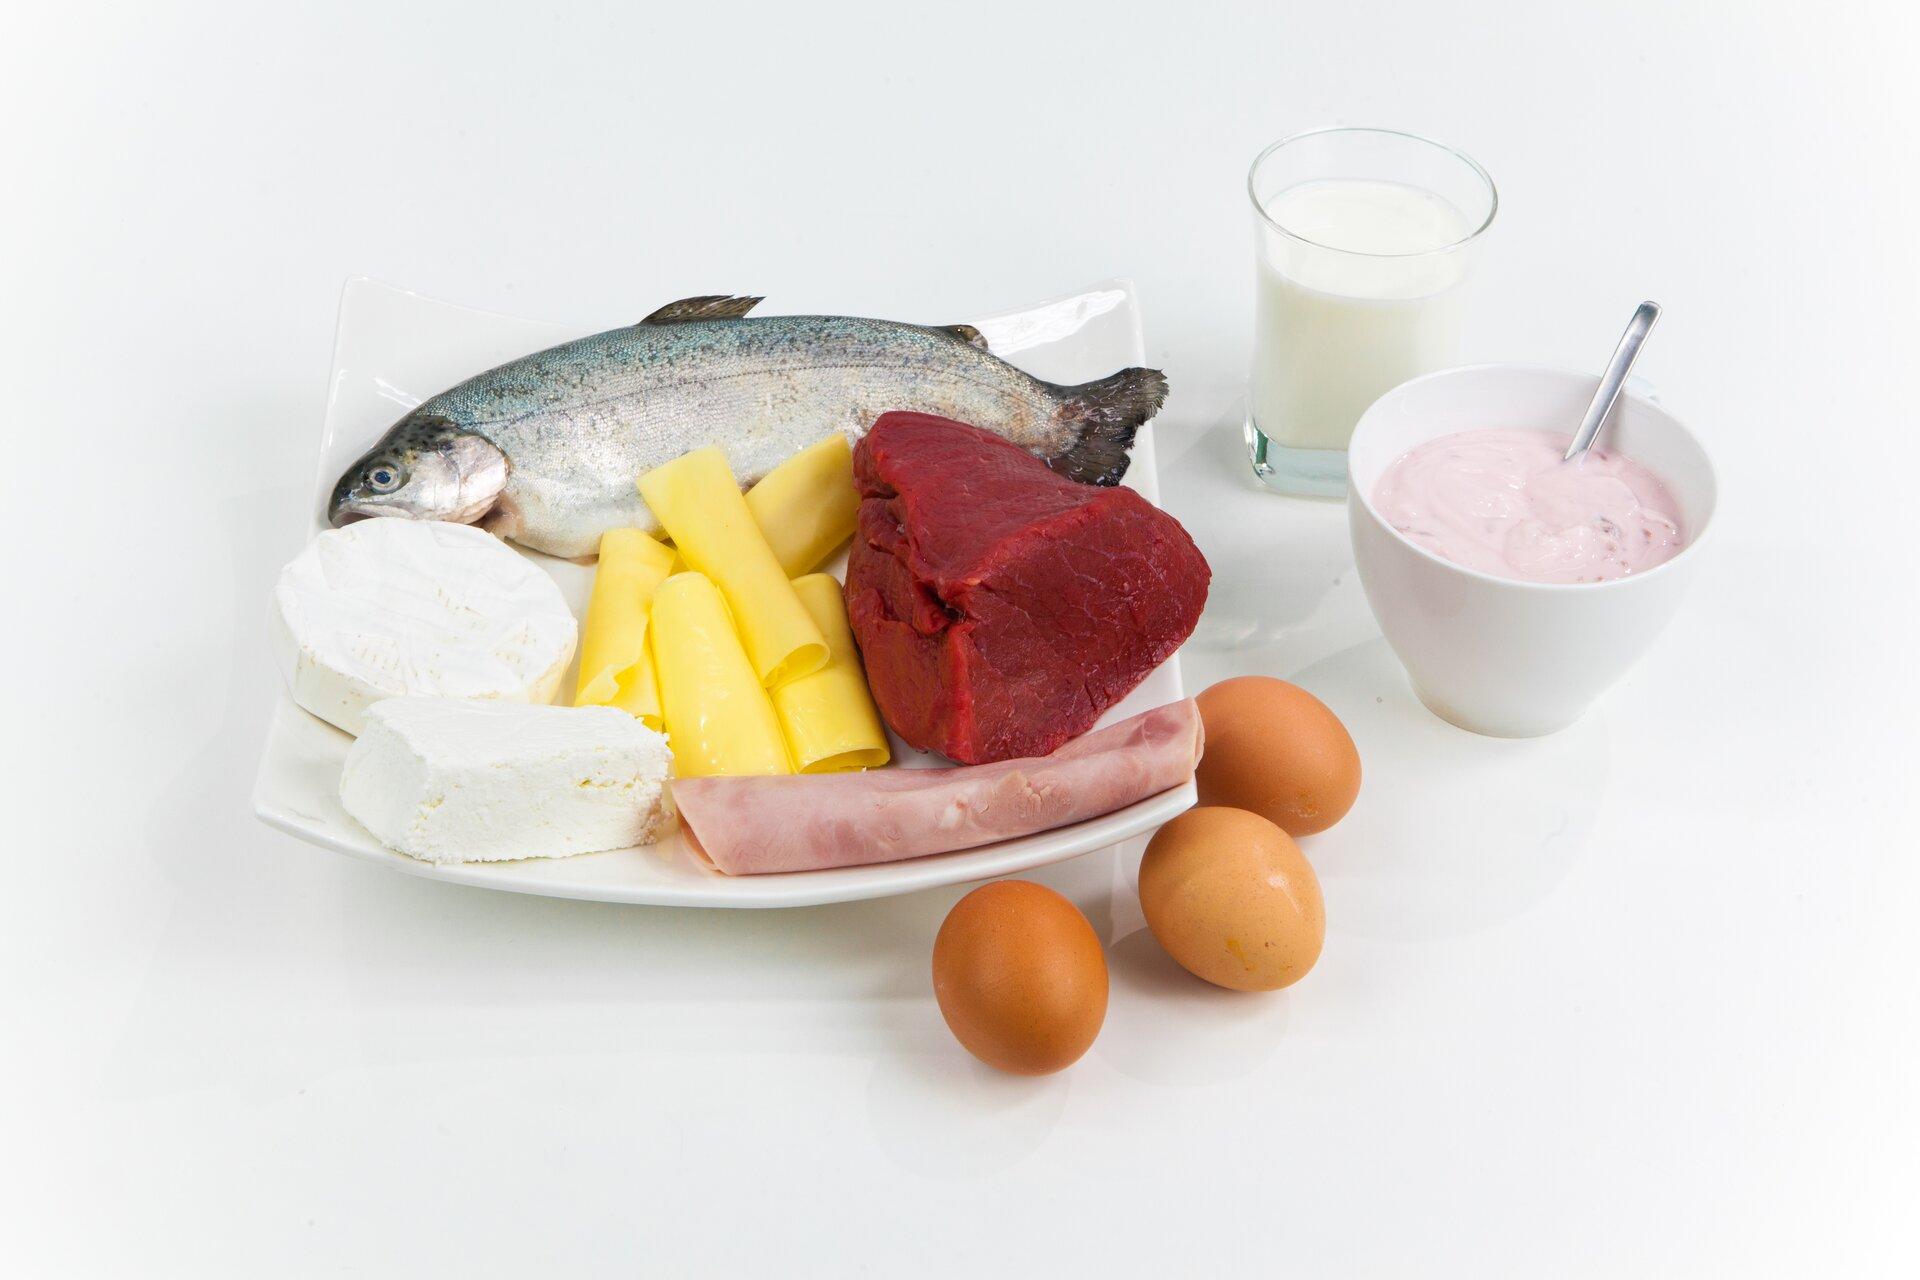 Fotografia przedstawiająca produkty spożywcze bogate wbiałka: ryba, ser biały, żółty, mięso, wędlina, jaja, jogurt, mleko